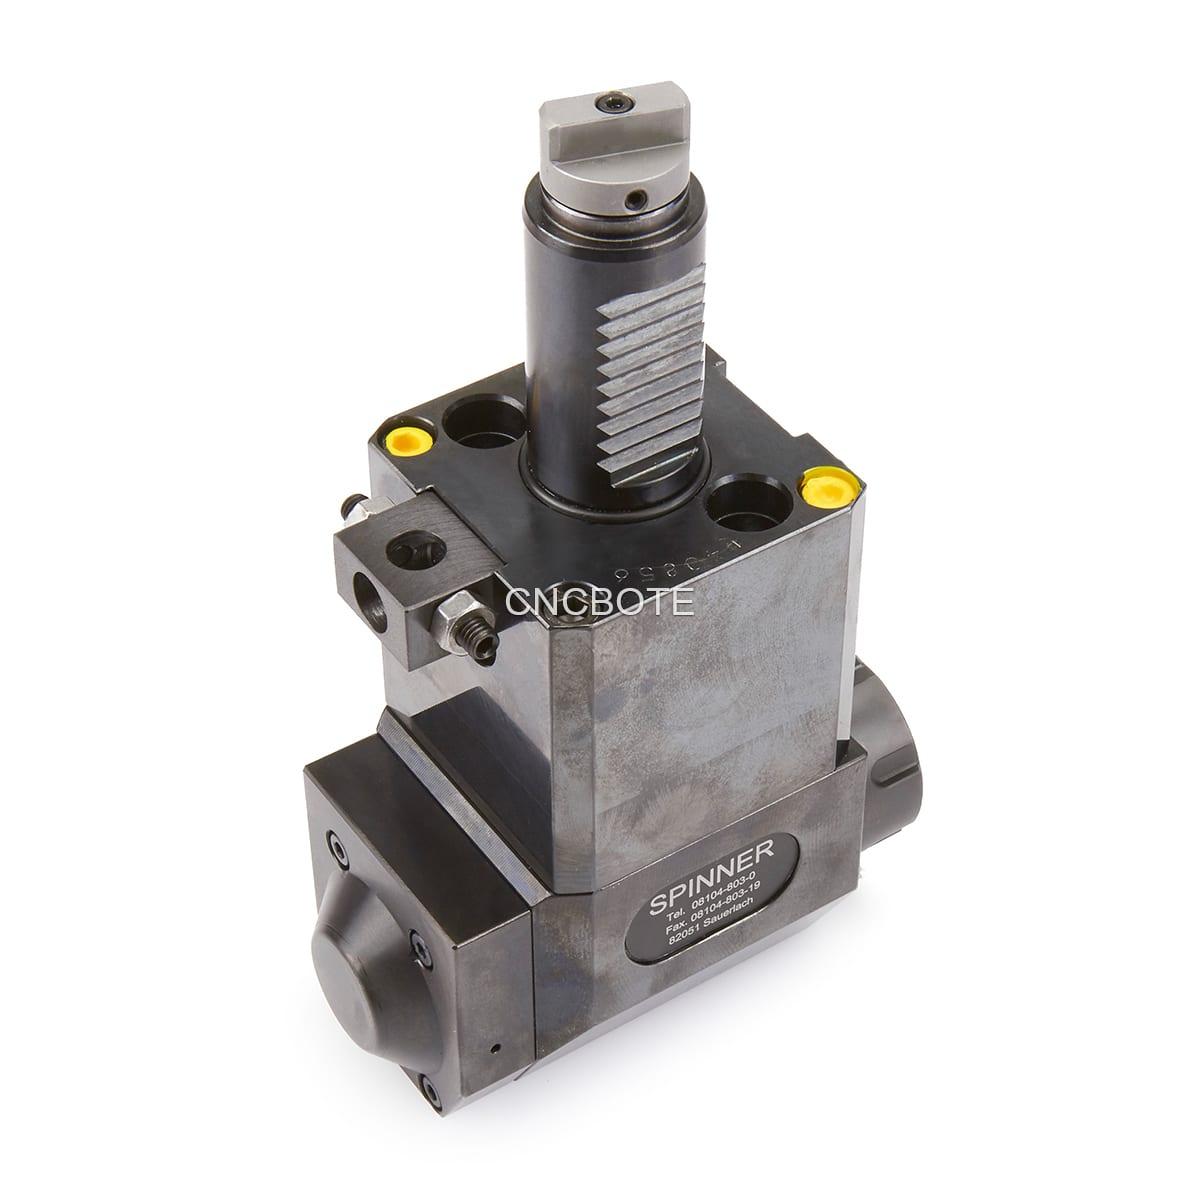 heimatec / Spinner VDI 30 angetriebenes Werkzeug radial, ER25, SPI